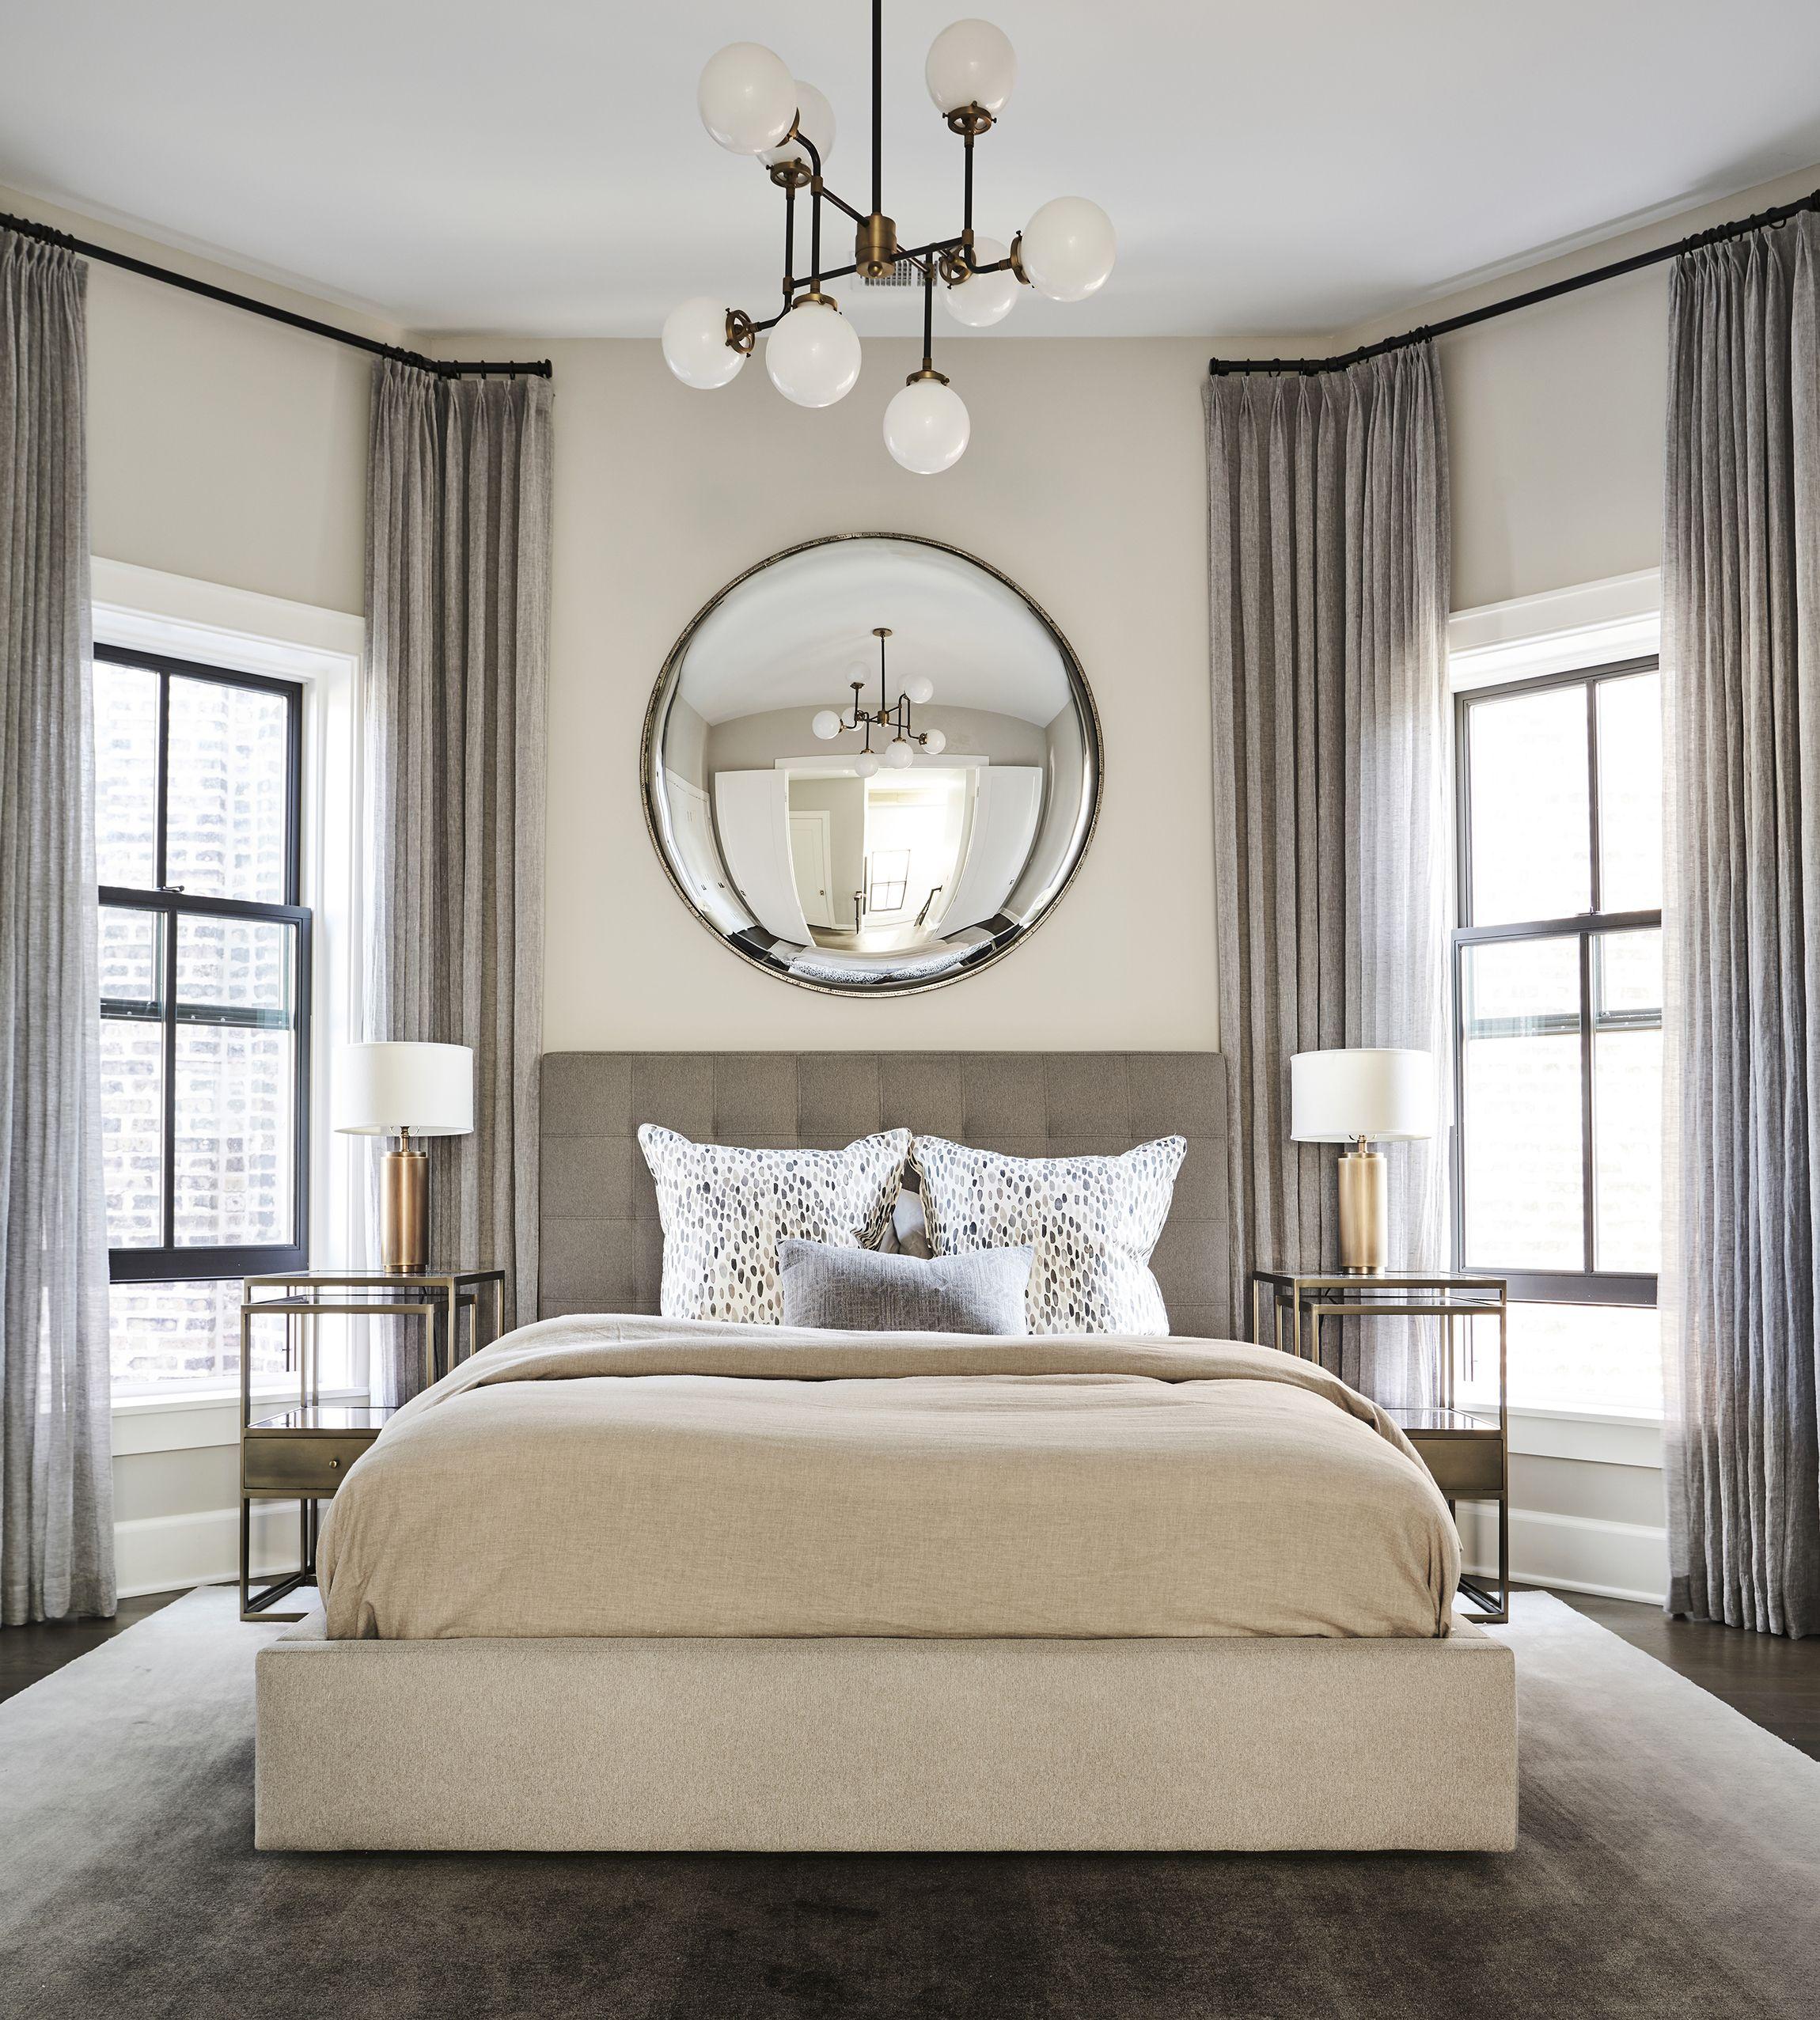 8 Bedroom Light Fixtures - Bedrooms with Pendants & Chandeliers